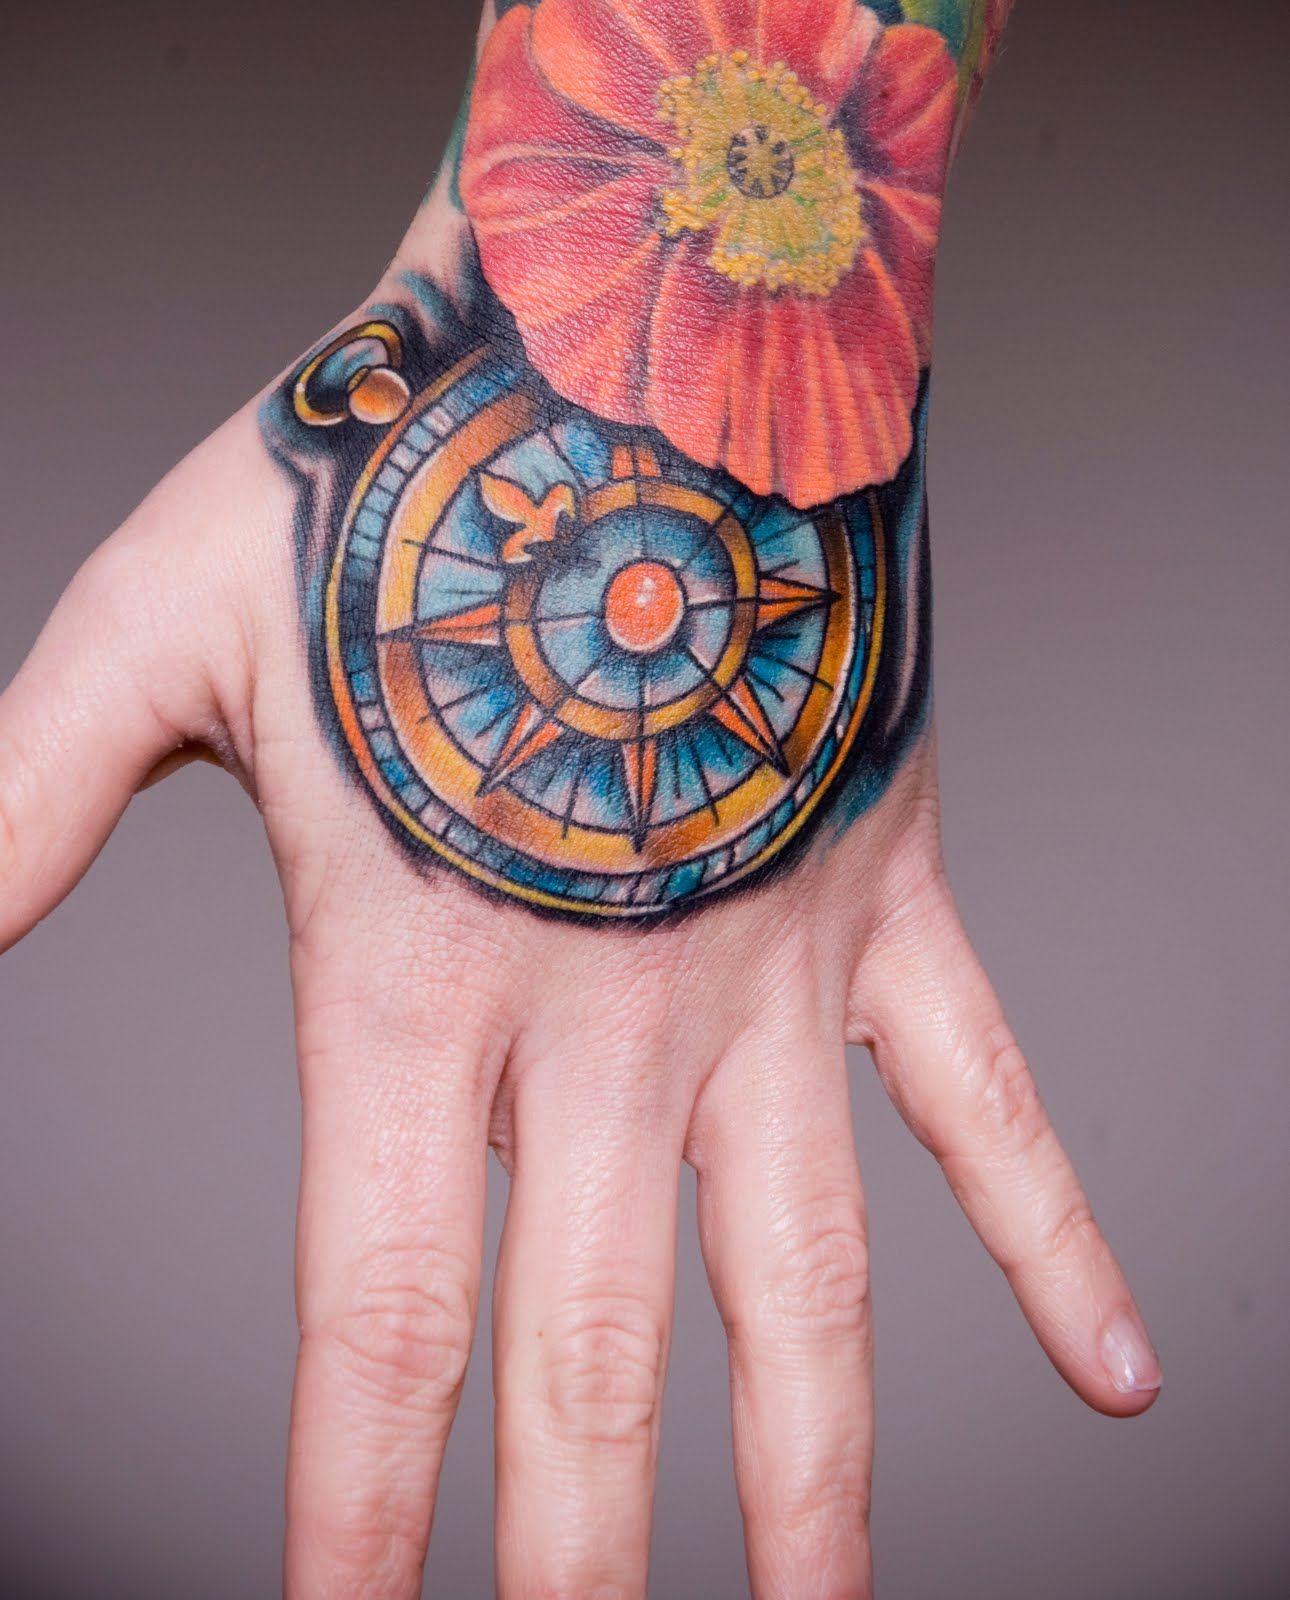 Hand tattoos tattoo ideas hands body art tattoo s floral tattoo - Most Beautiful Tattoo Designs 2015